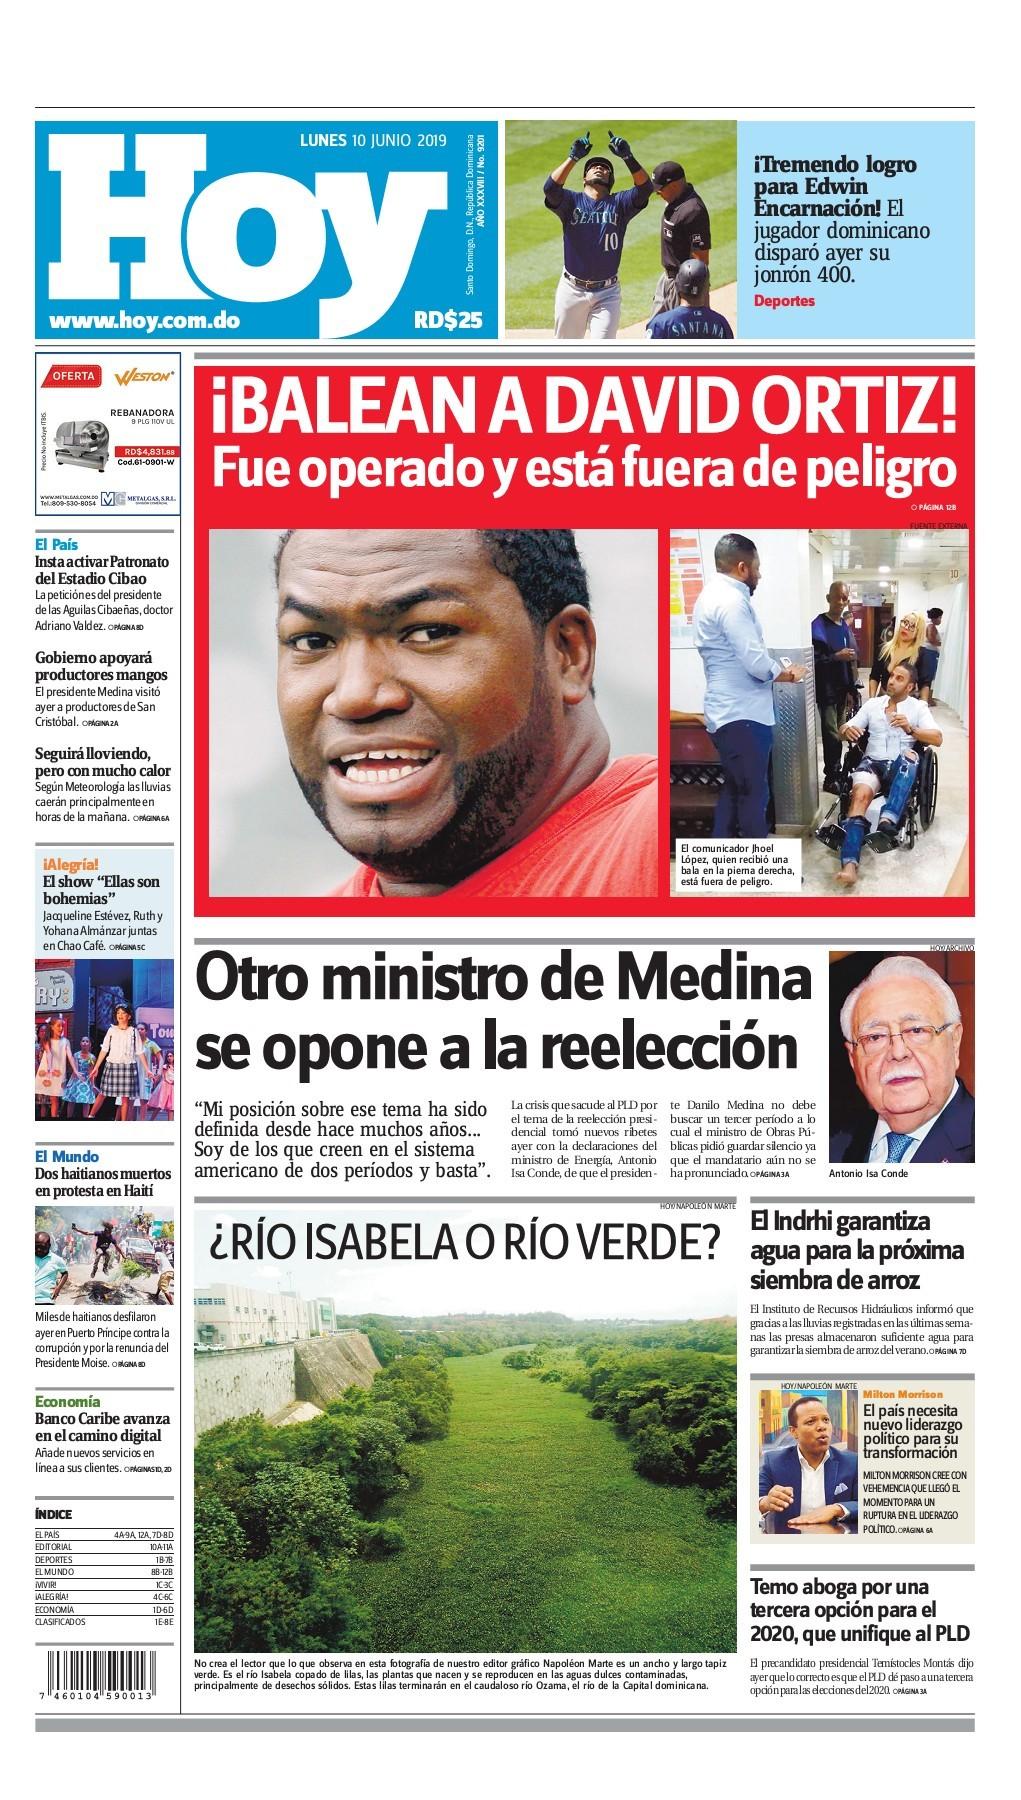 Portada Periódico Hoy, Lunes 10 Junio 2019